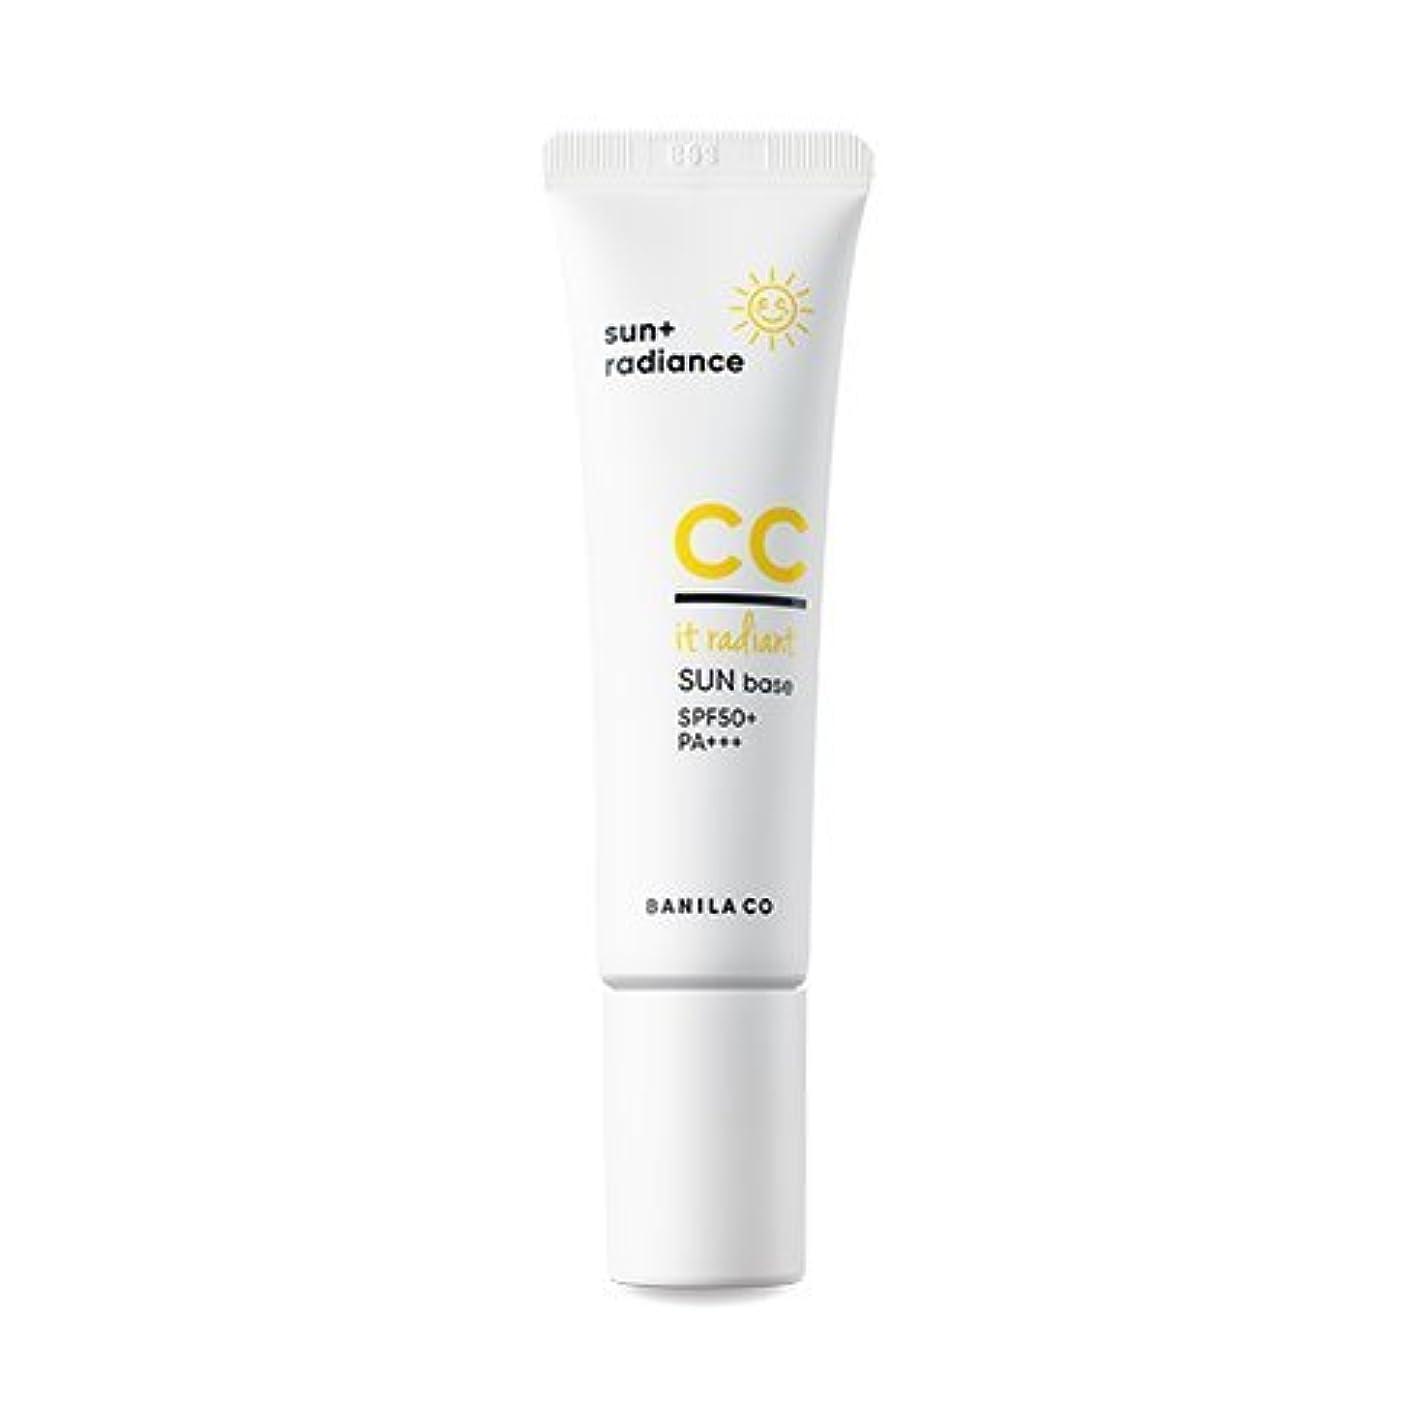 シャンプー散髪キャメル[Renewal] BANILA CO It Radiant CC Sun Base 30ml/バニラコ イット ラディアント CC サン ベース 30ml [並行輸入品]